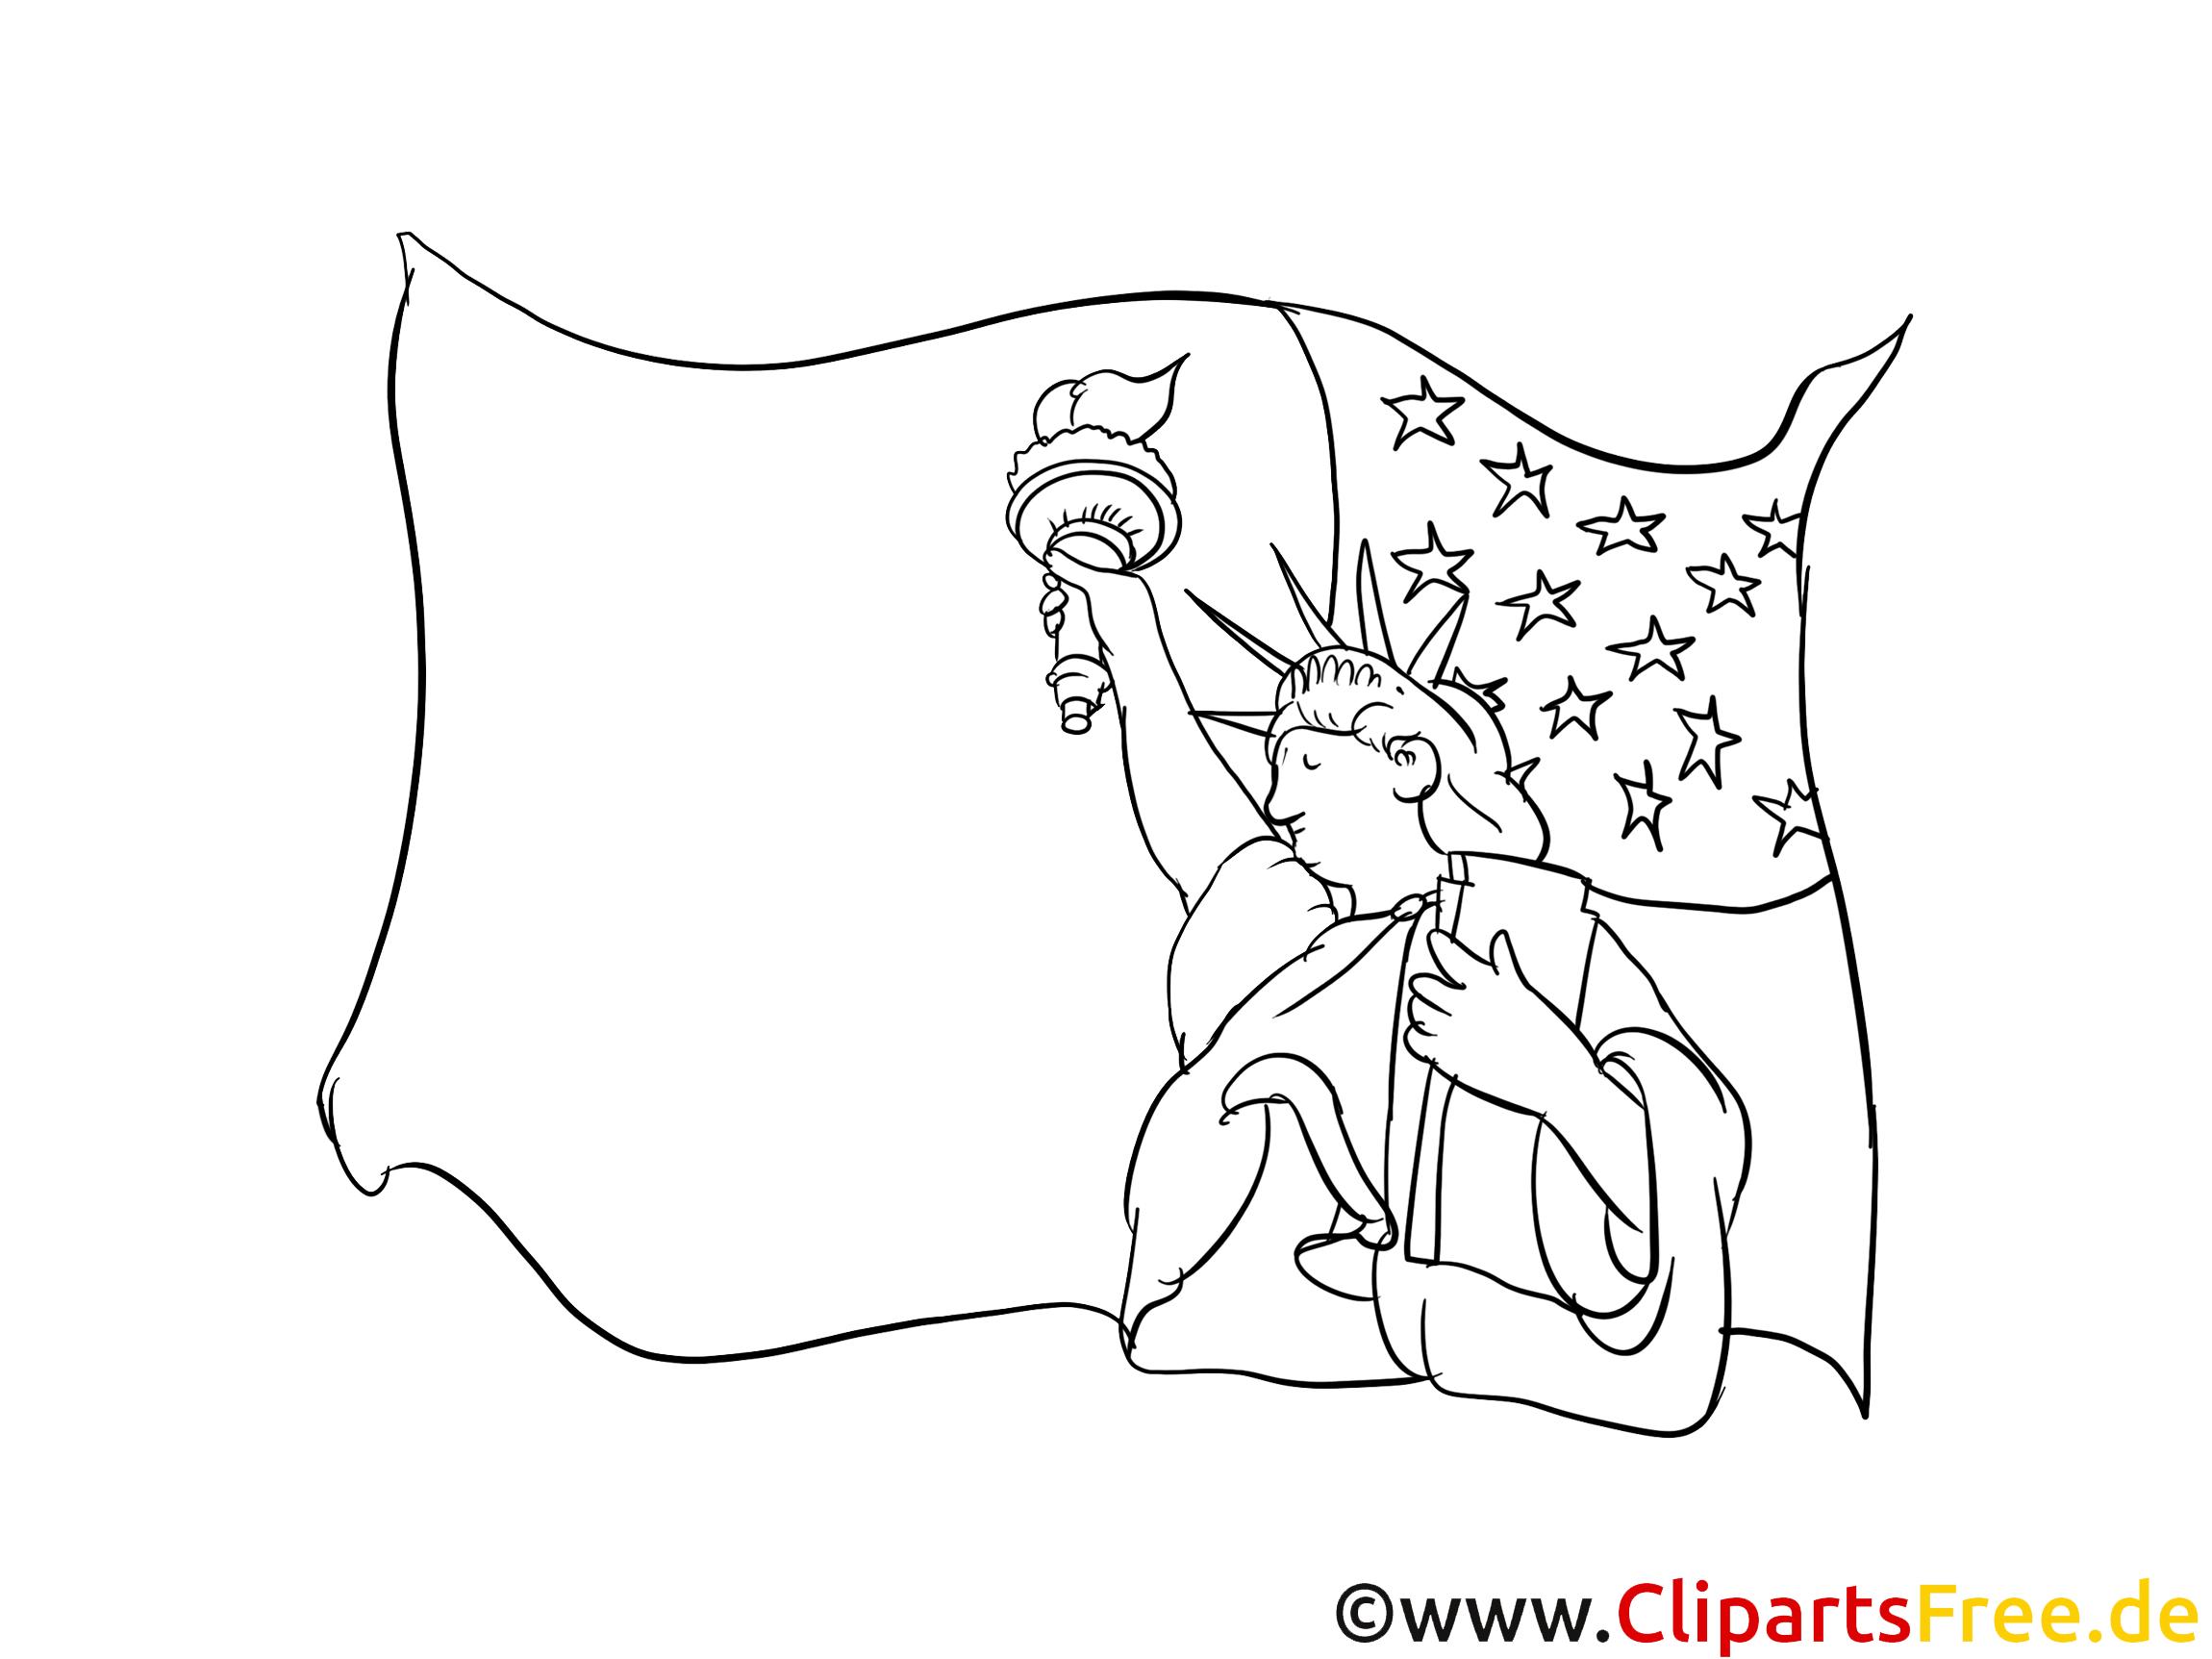 Coloriage jour de l'Indépendance illustration à télécharger